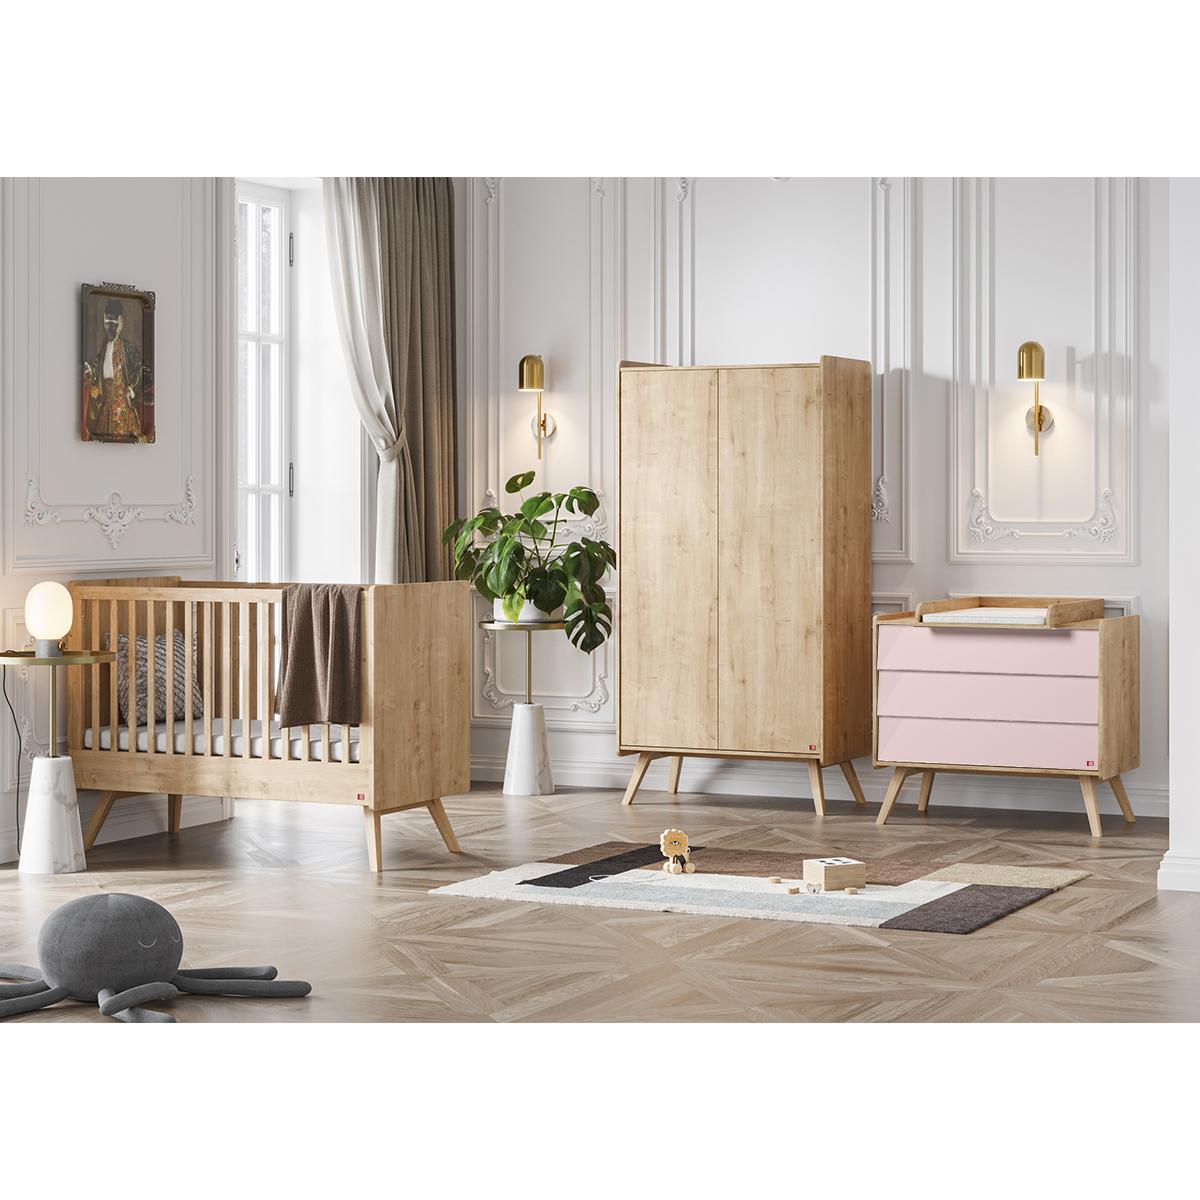 Chambre complète lit bébé 60x120 - commode à langer - armoire 2 portes Vox Vintage - Bois Rose